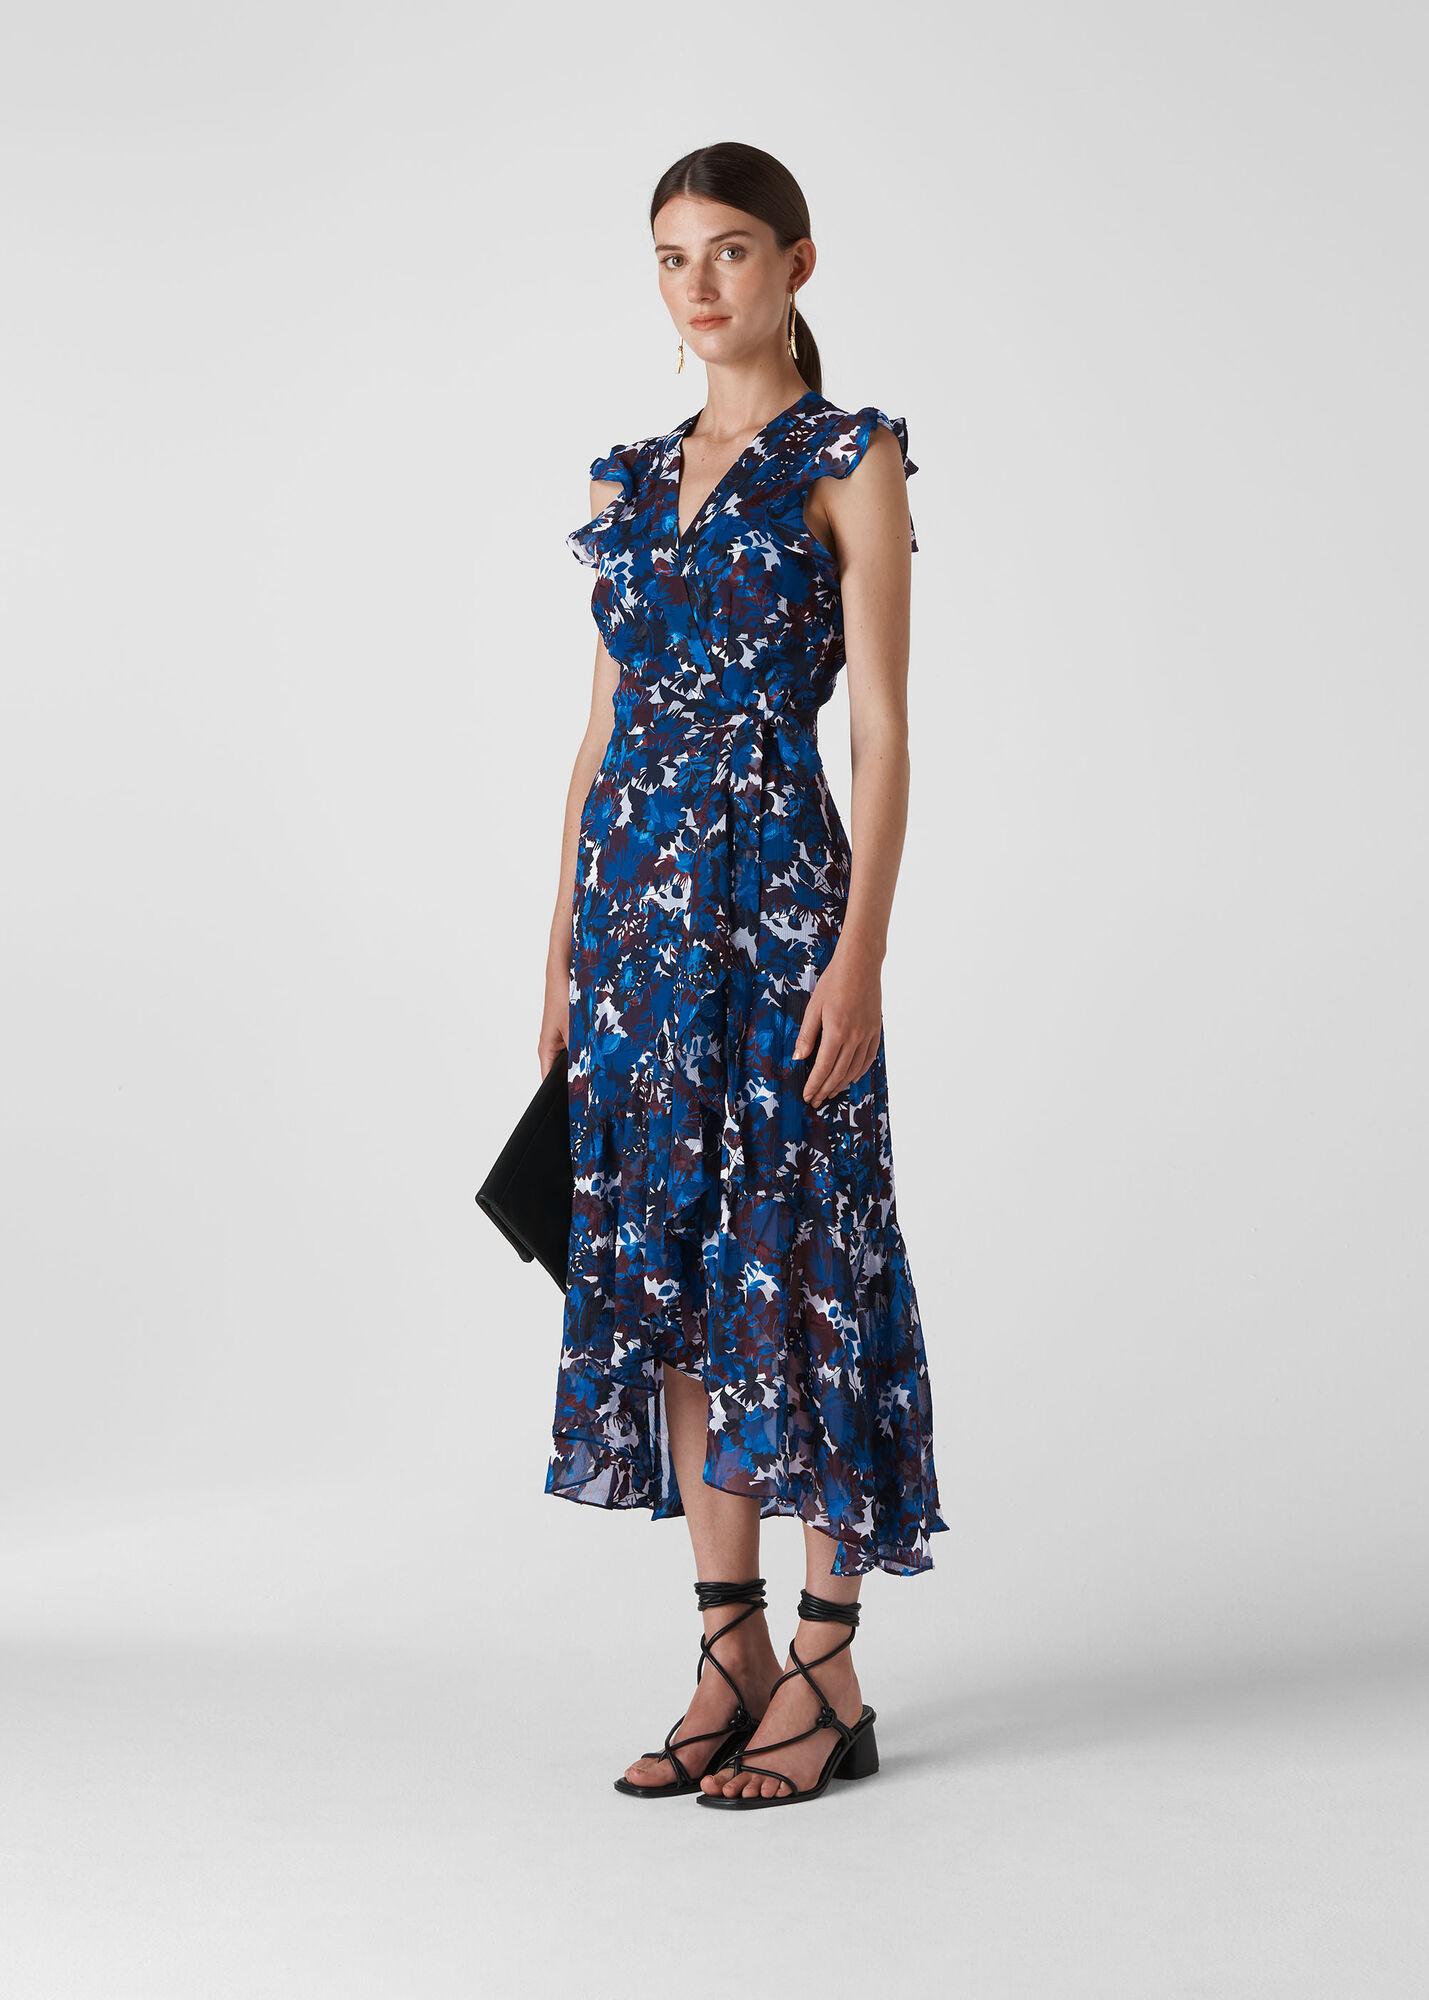 Williamsburg Print Dress